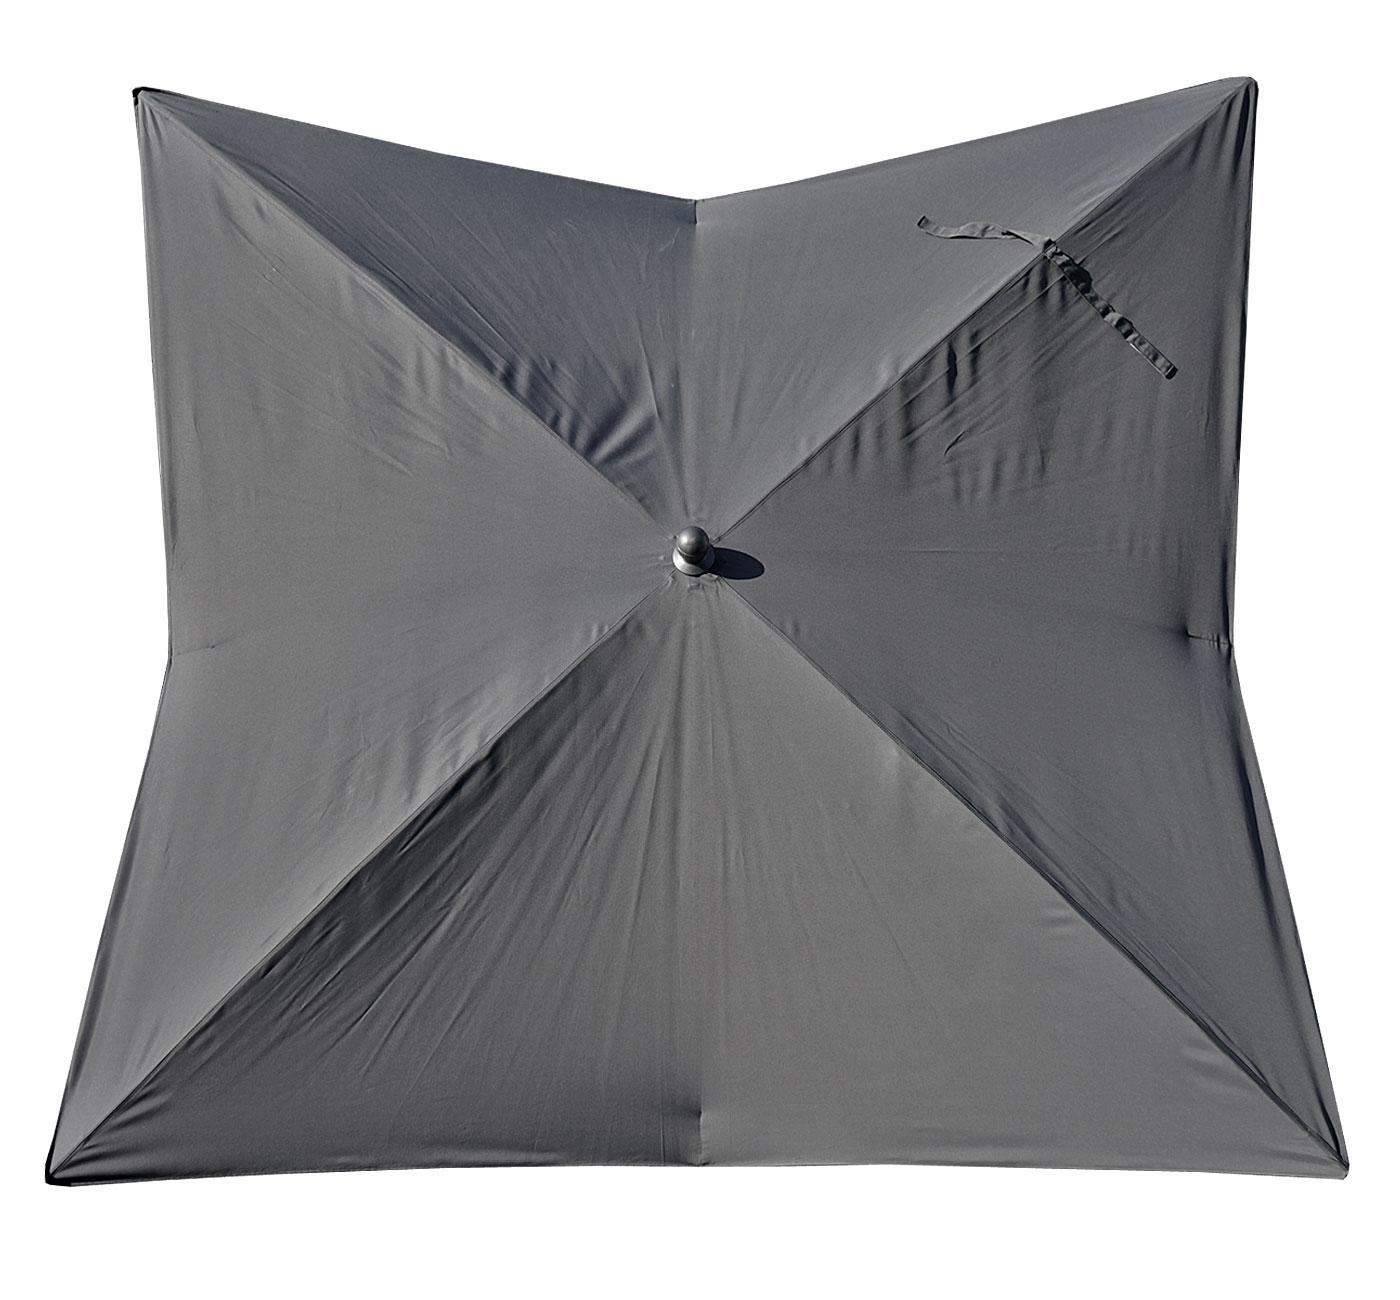 luxus sonnenschirm hwc a37 marktschirm gartenschirm 3x3m 4 24m polyester alu 10kg. Black Bedroom Furniture Sets. Home Design Ideas